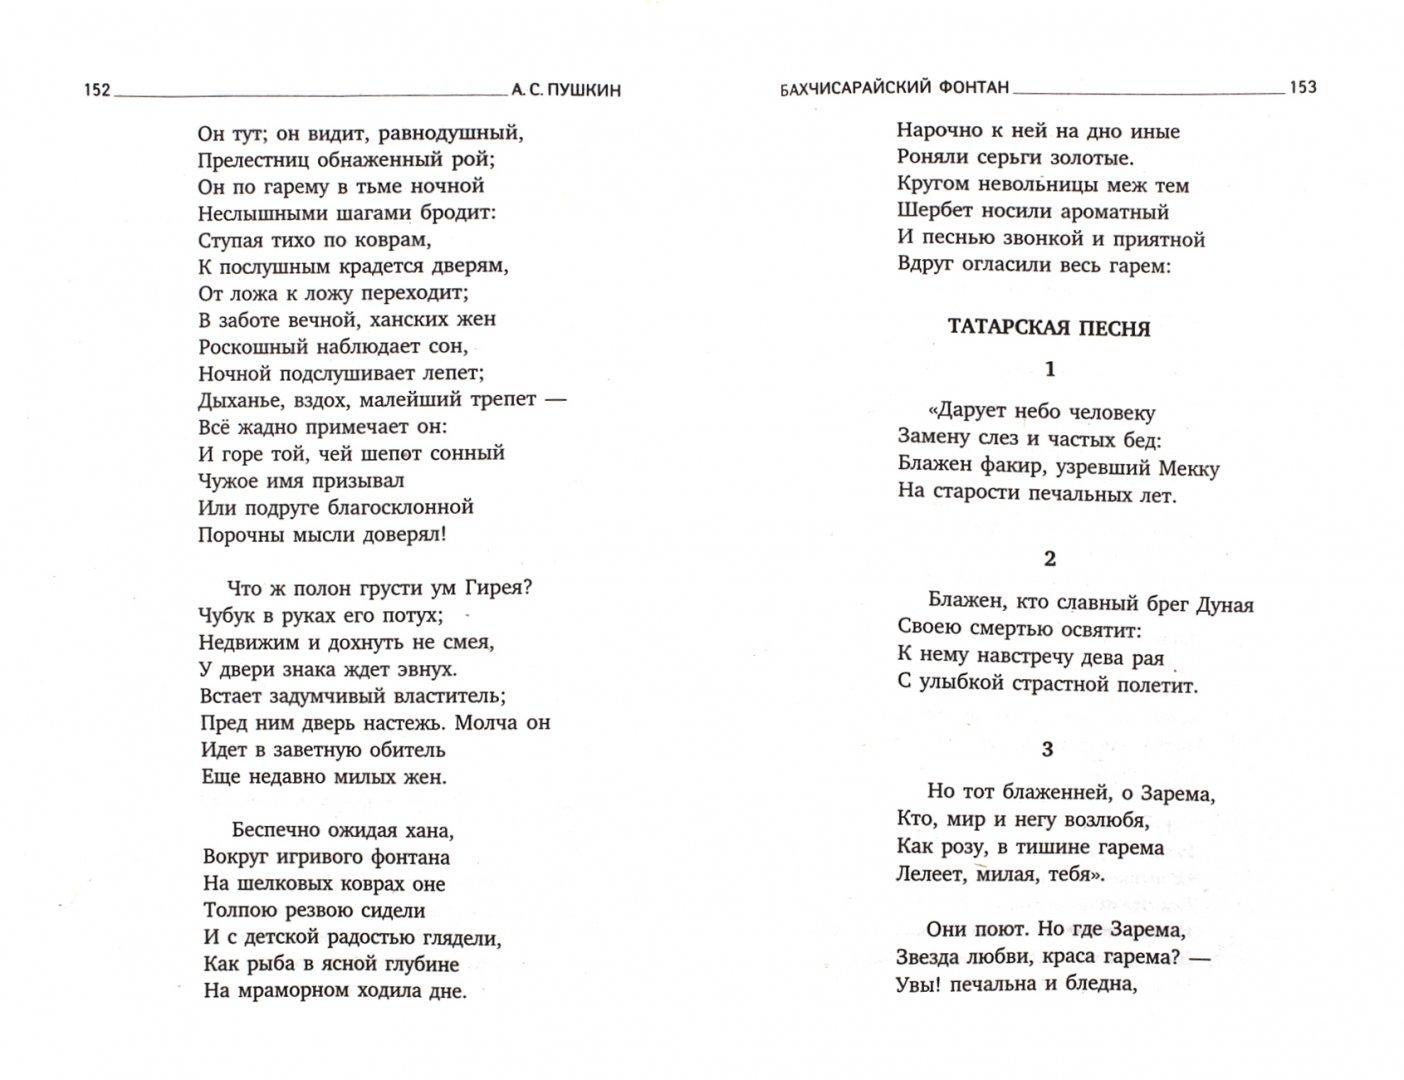 Иллюстрация 1 из 15 для Руслан и Людмила. Поэмы - Александр Пушкин | Лабиринт - книги. Источник: Лабиринт